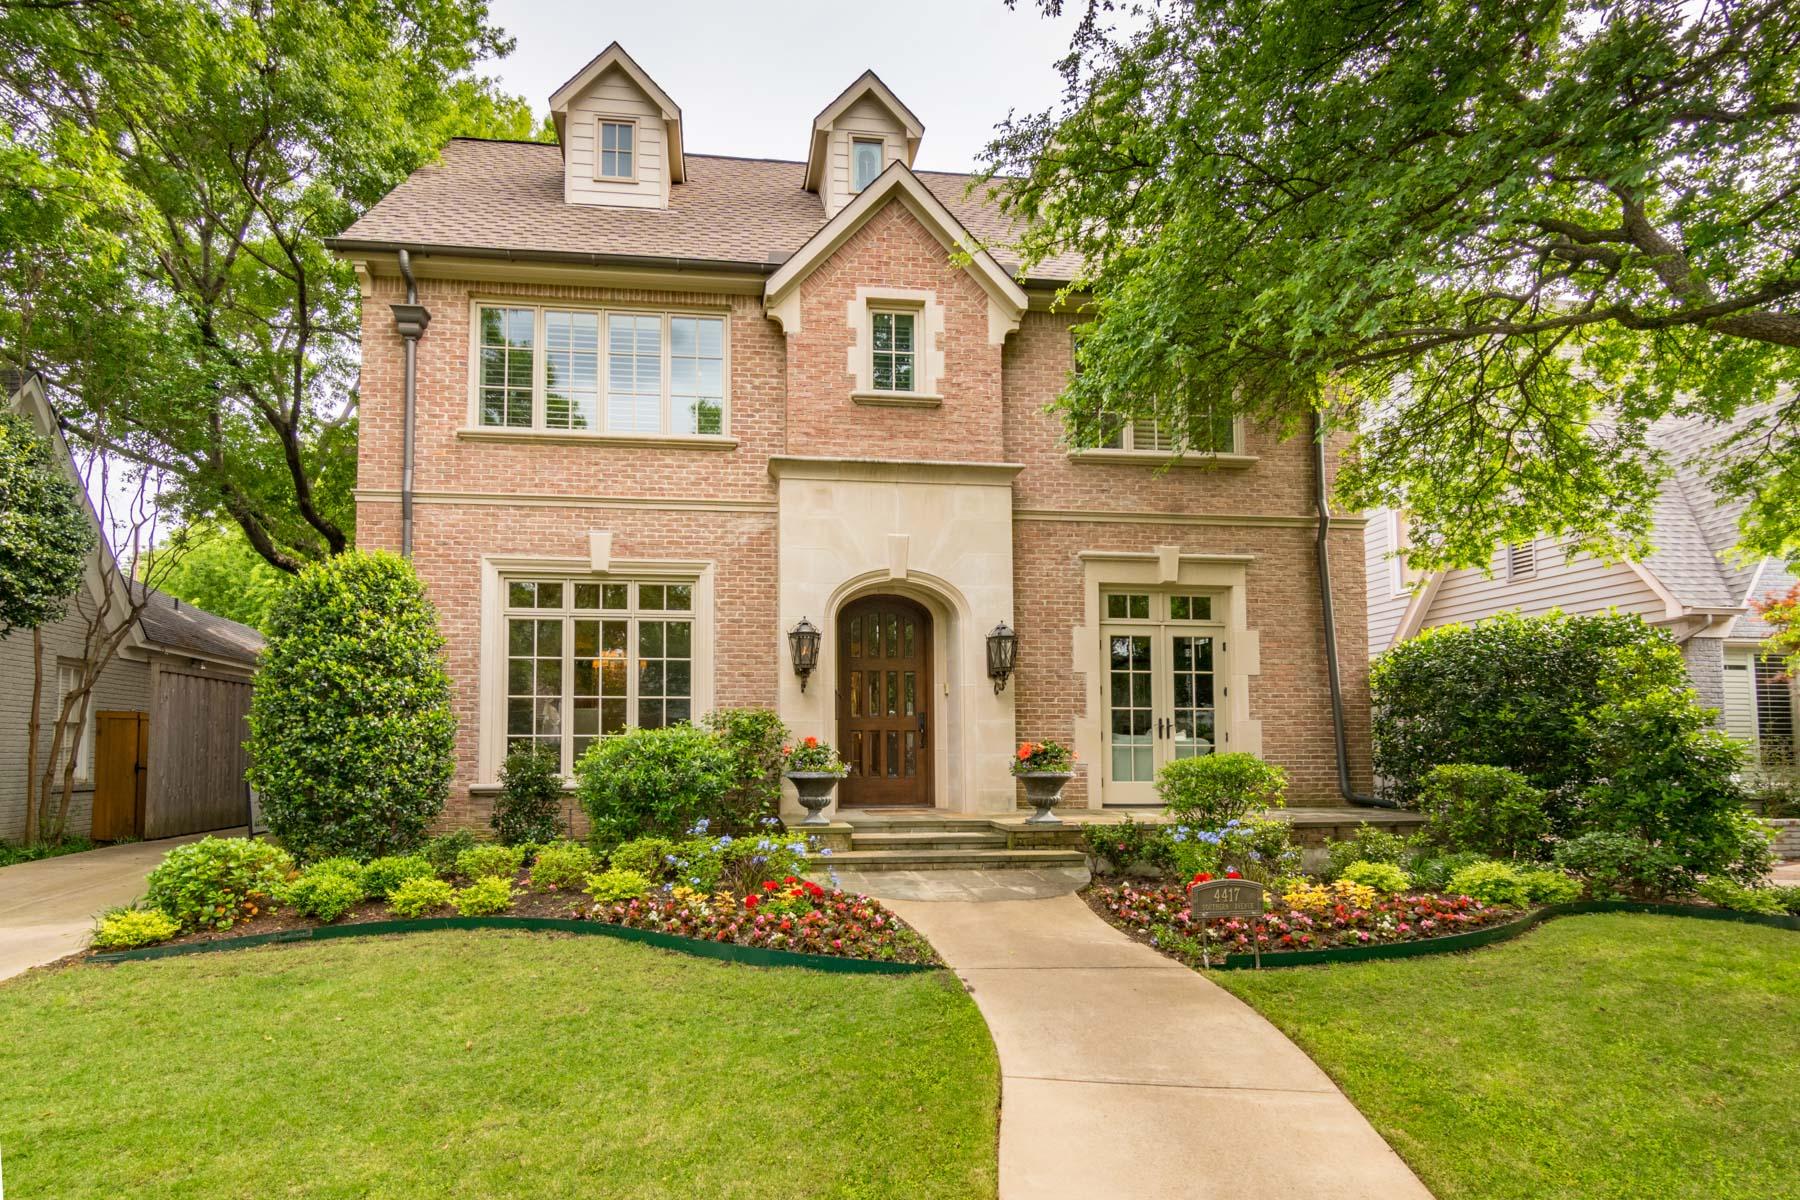 Einfamilienhaus für Verkauf beim Your Wish List Fulfilled 4417 Southern Ave Dallas, Texas, 75205 Vereinigte Staaten